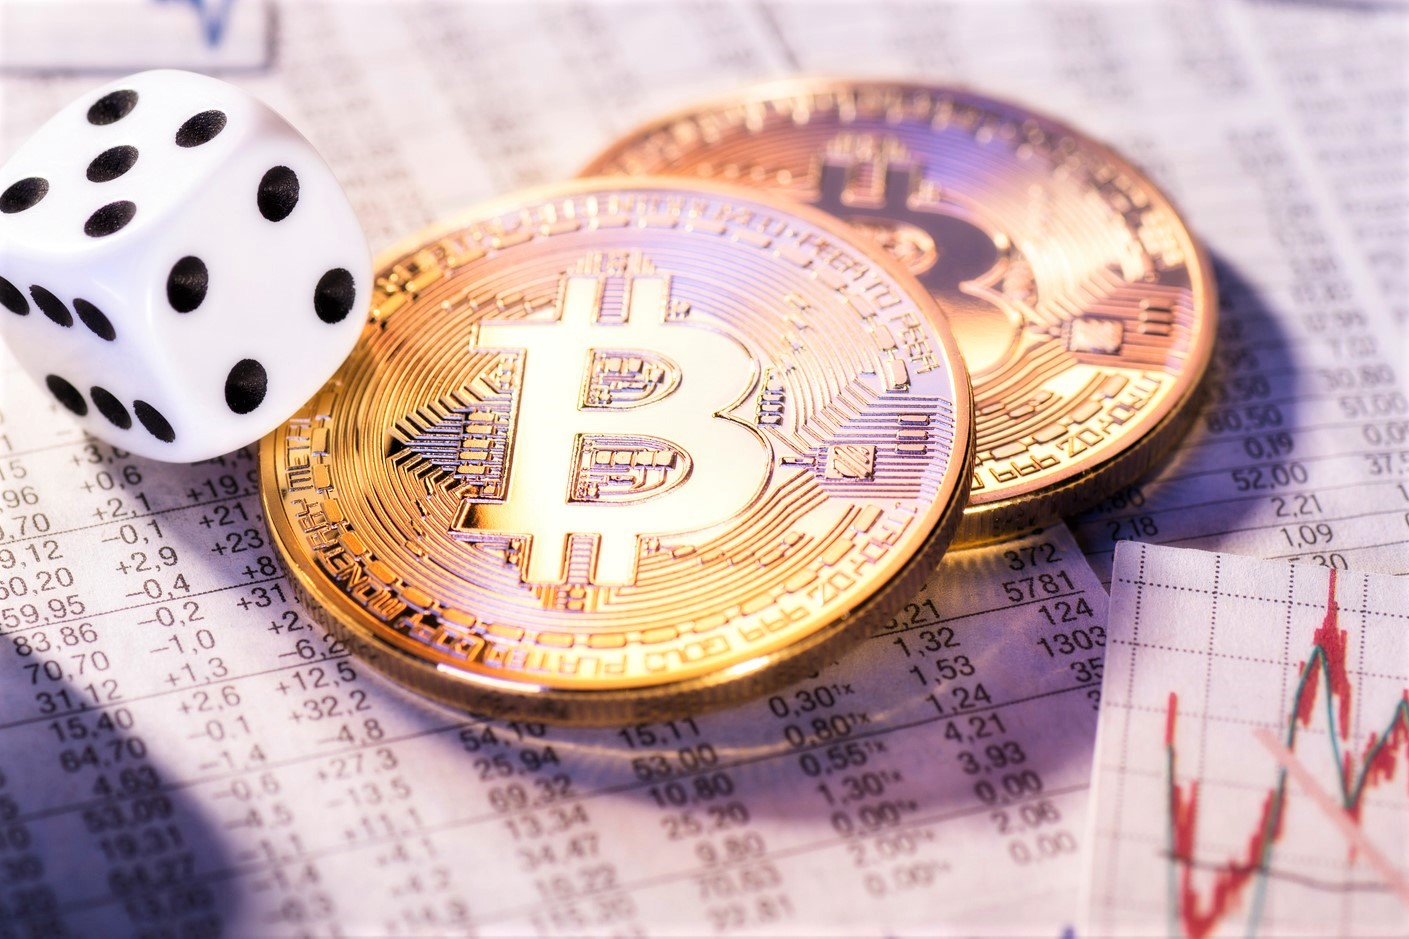 strategia straddle bitcoin)